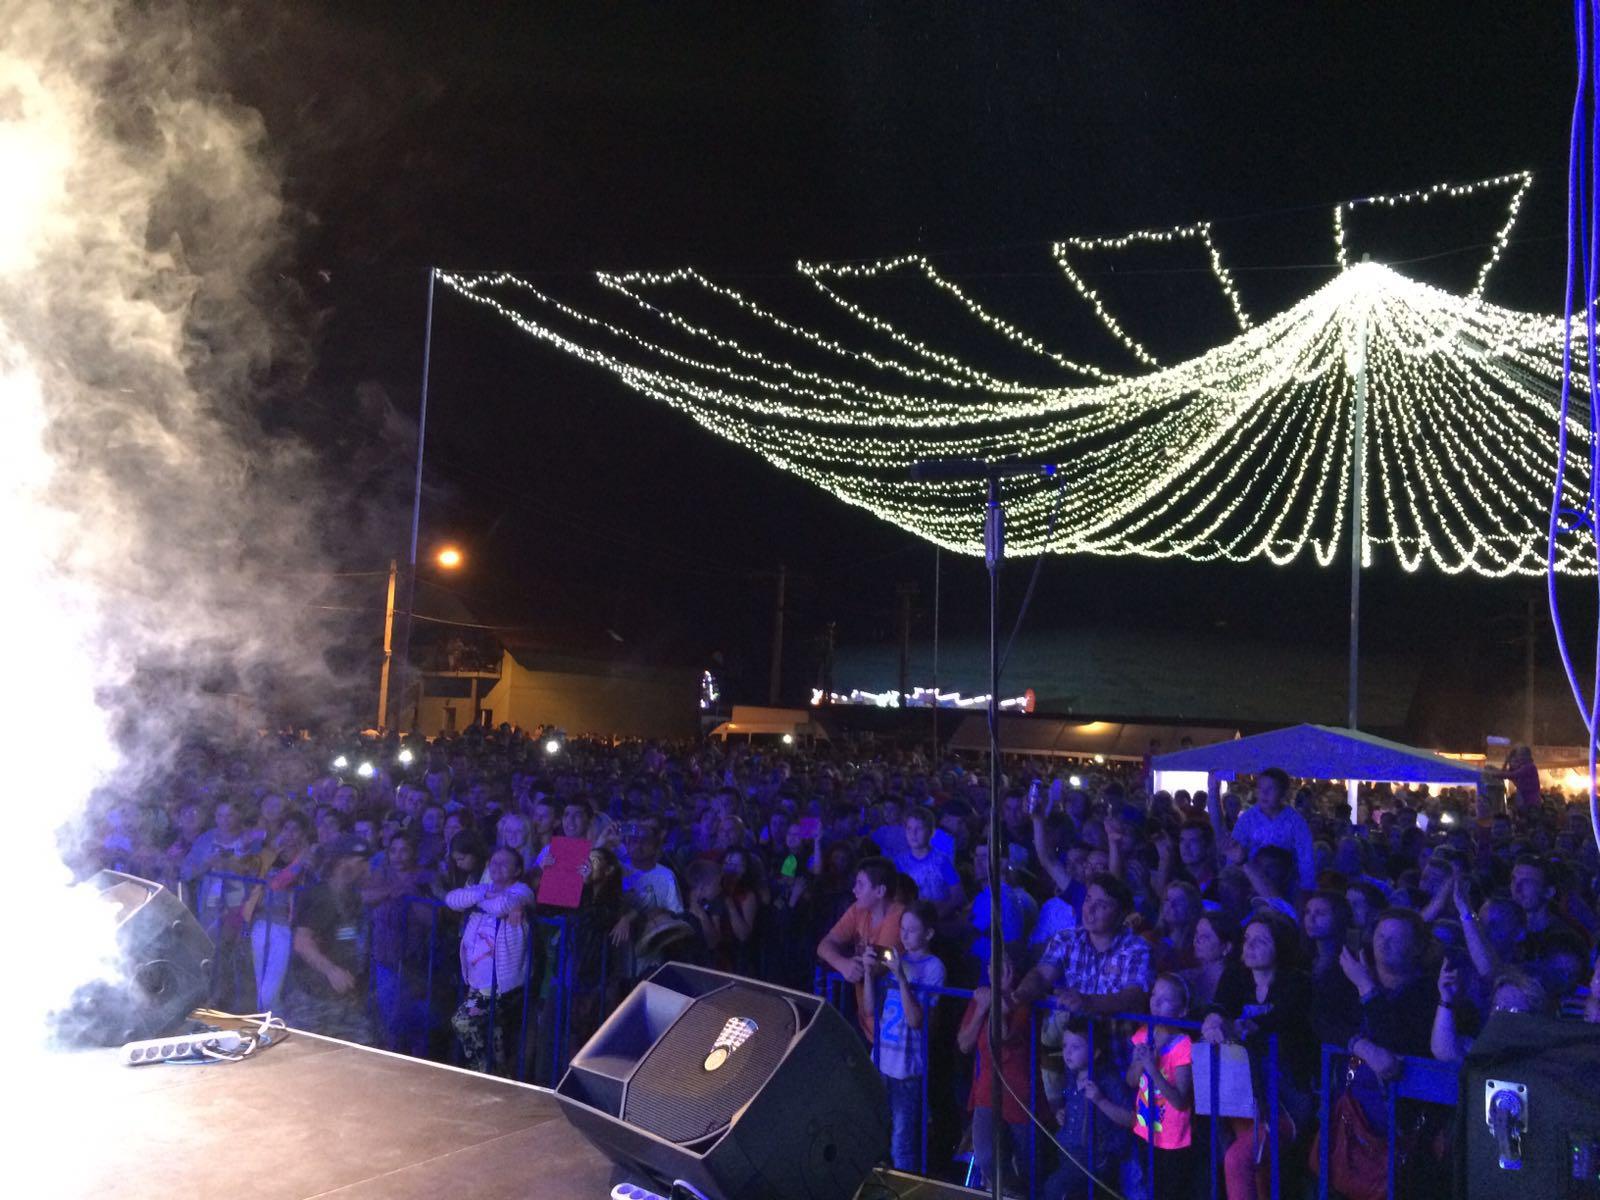 EXCLUSIV: Zilele Becleanului 2017. Iată când se vor organiza Zilele Orașului Beclean și cine va cânta la eveniment. Programul complet